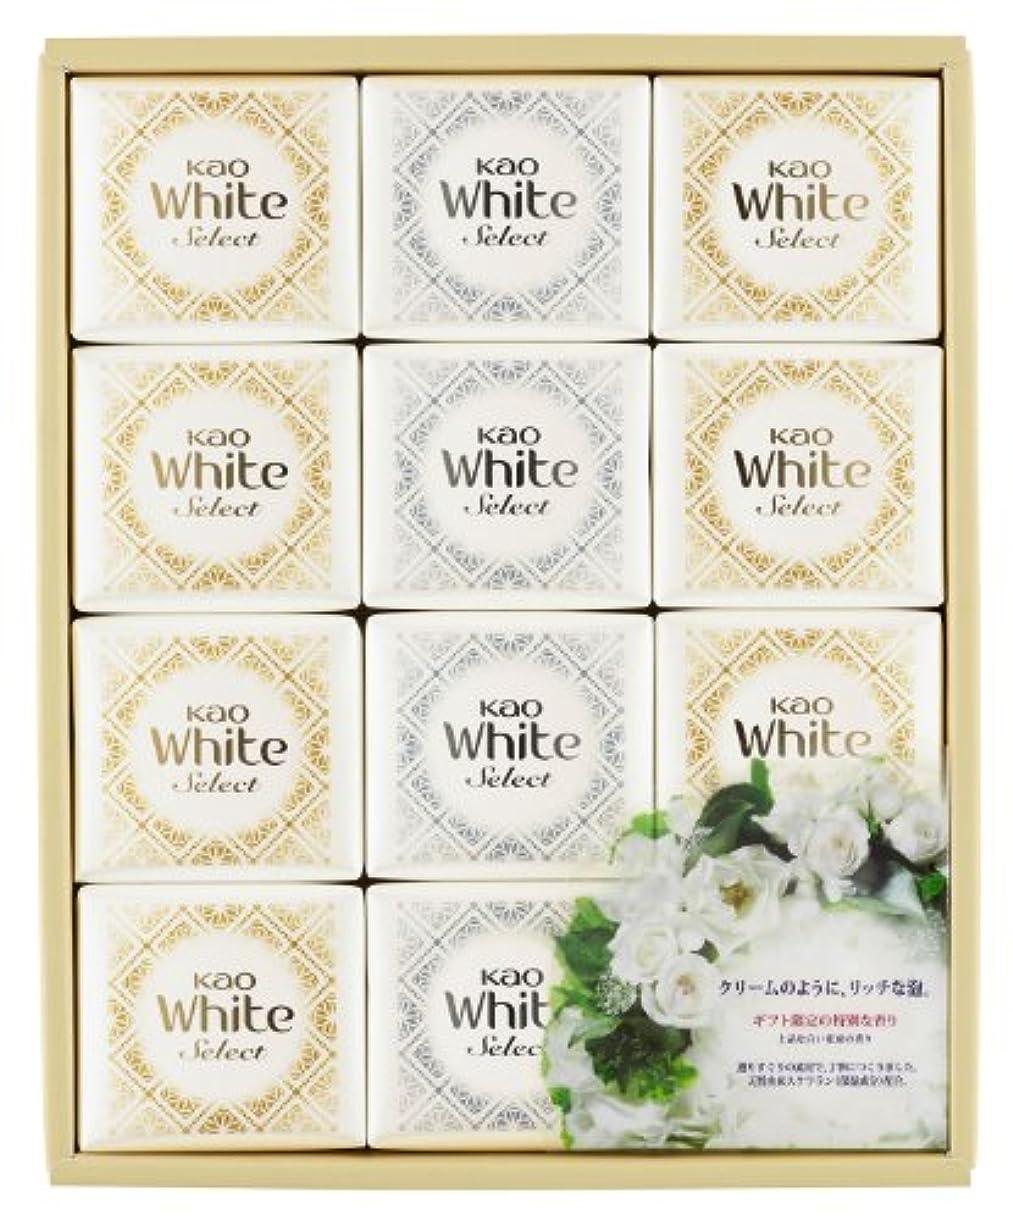 哲学博士ロケット許可花王ホワイト セレクト 上品な白い花束の香り 85g 12コ K?WS-20